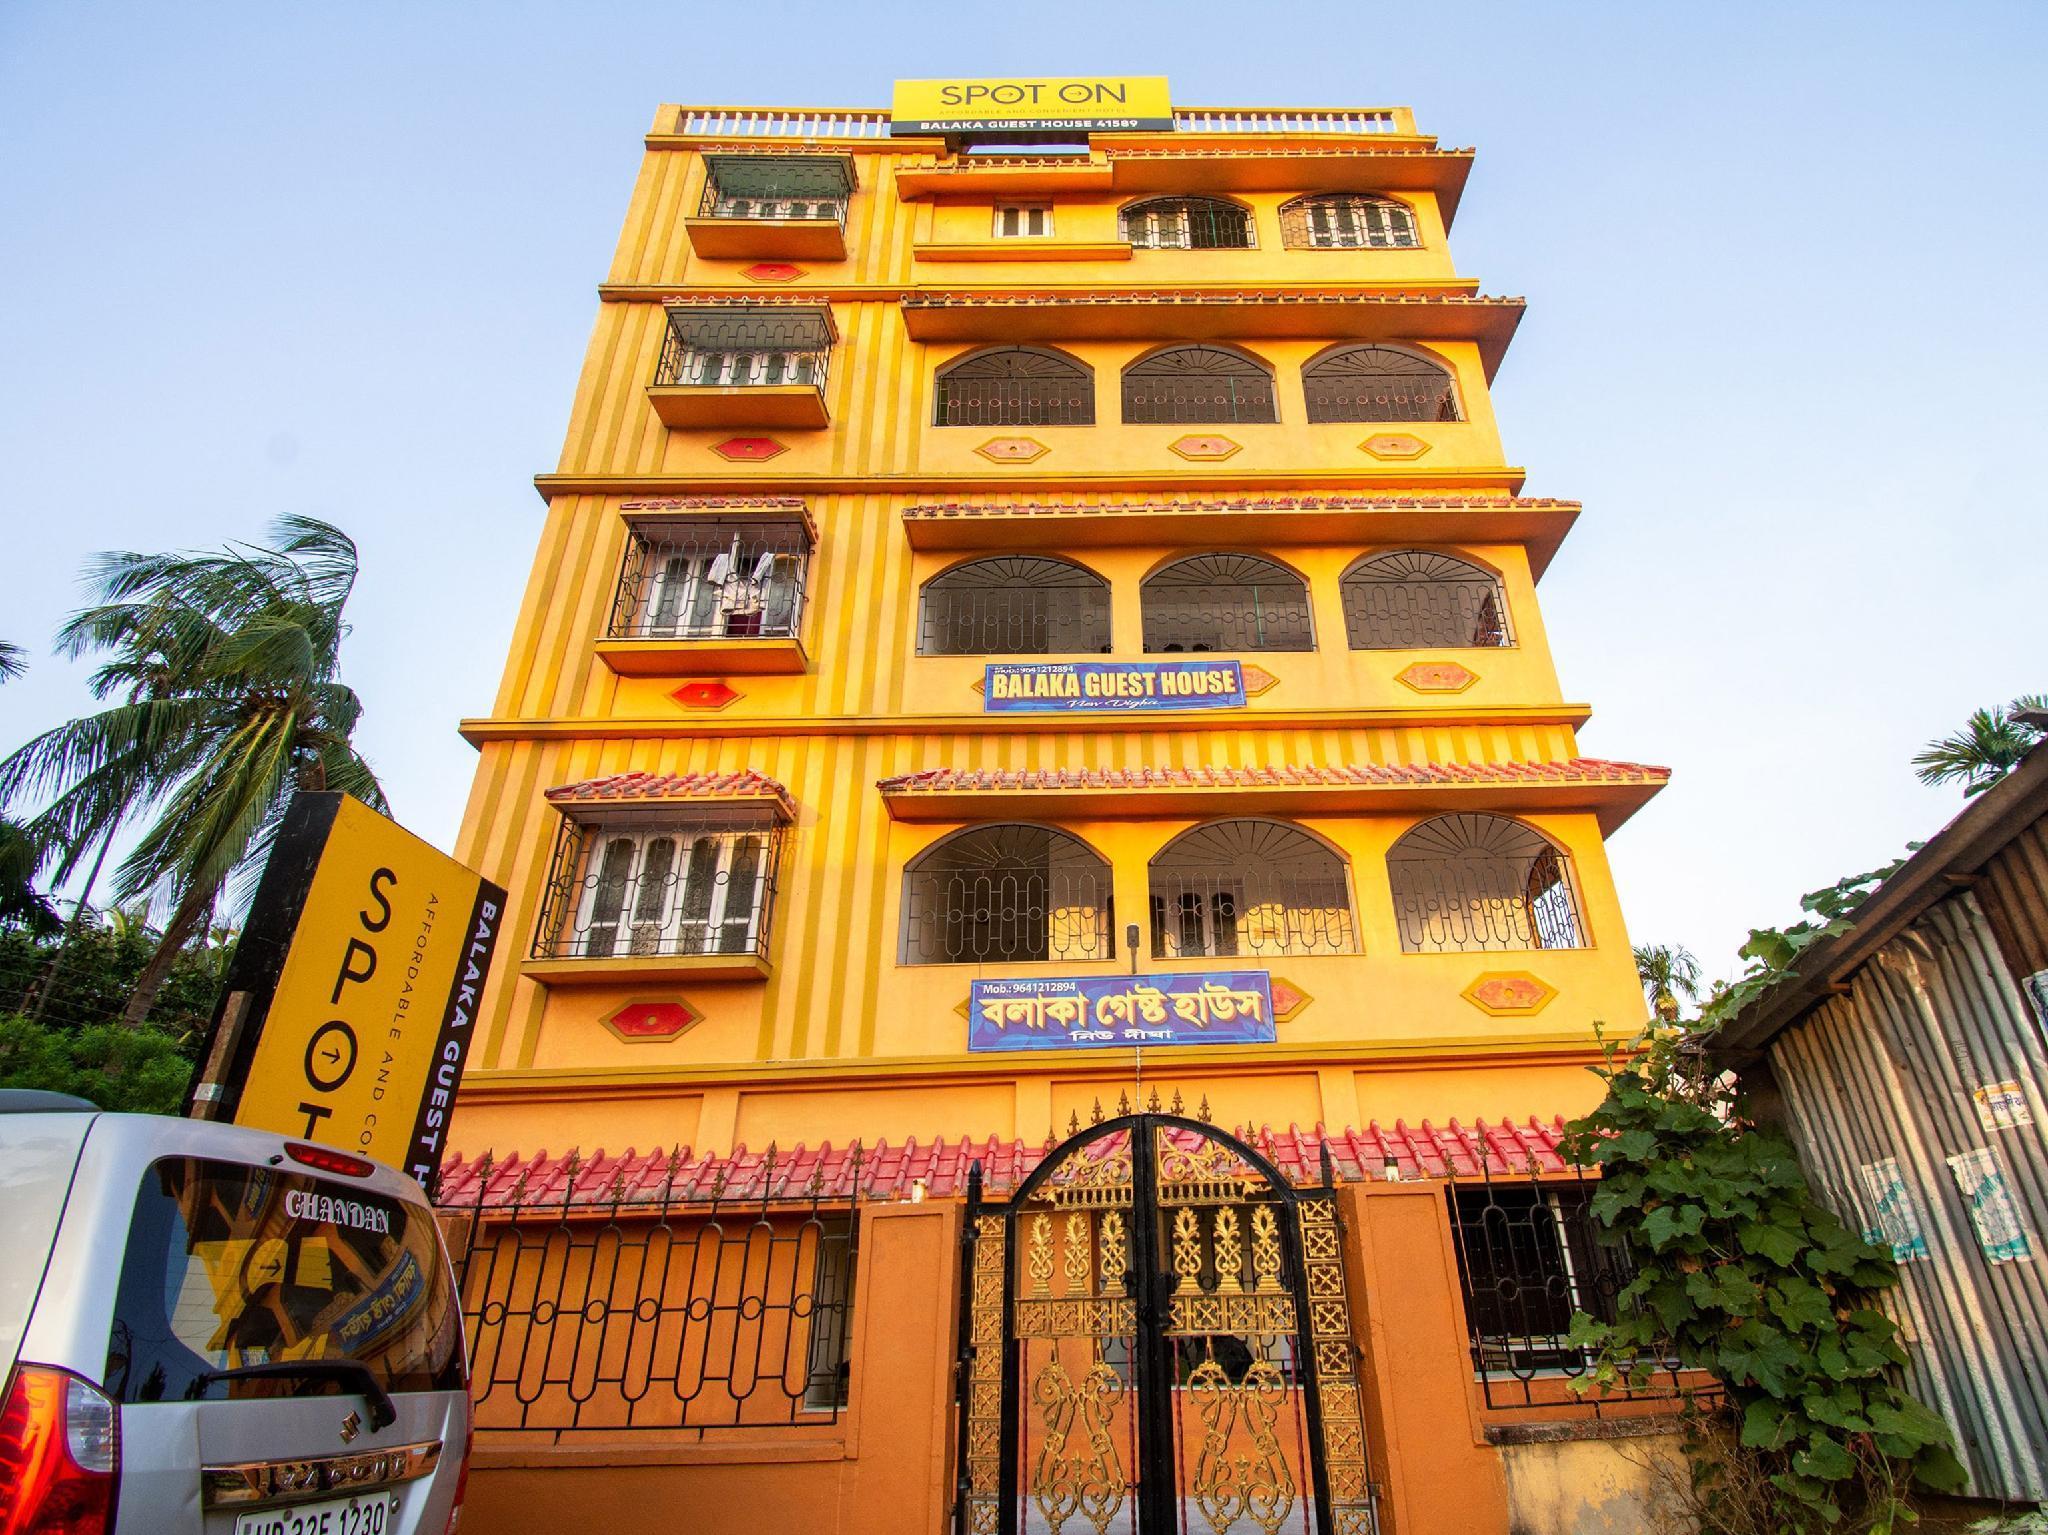 SPOT ON 41589 Balaka Guest House